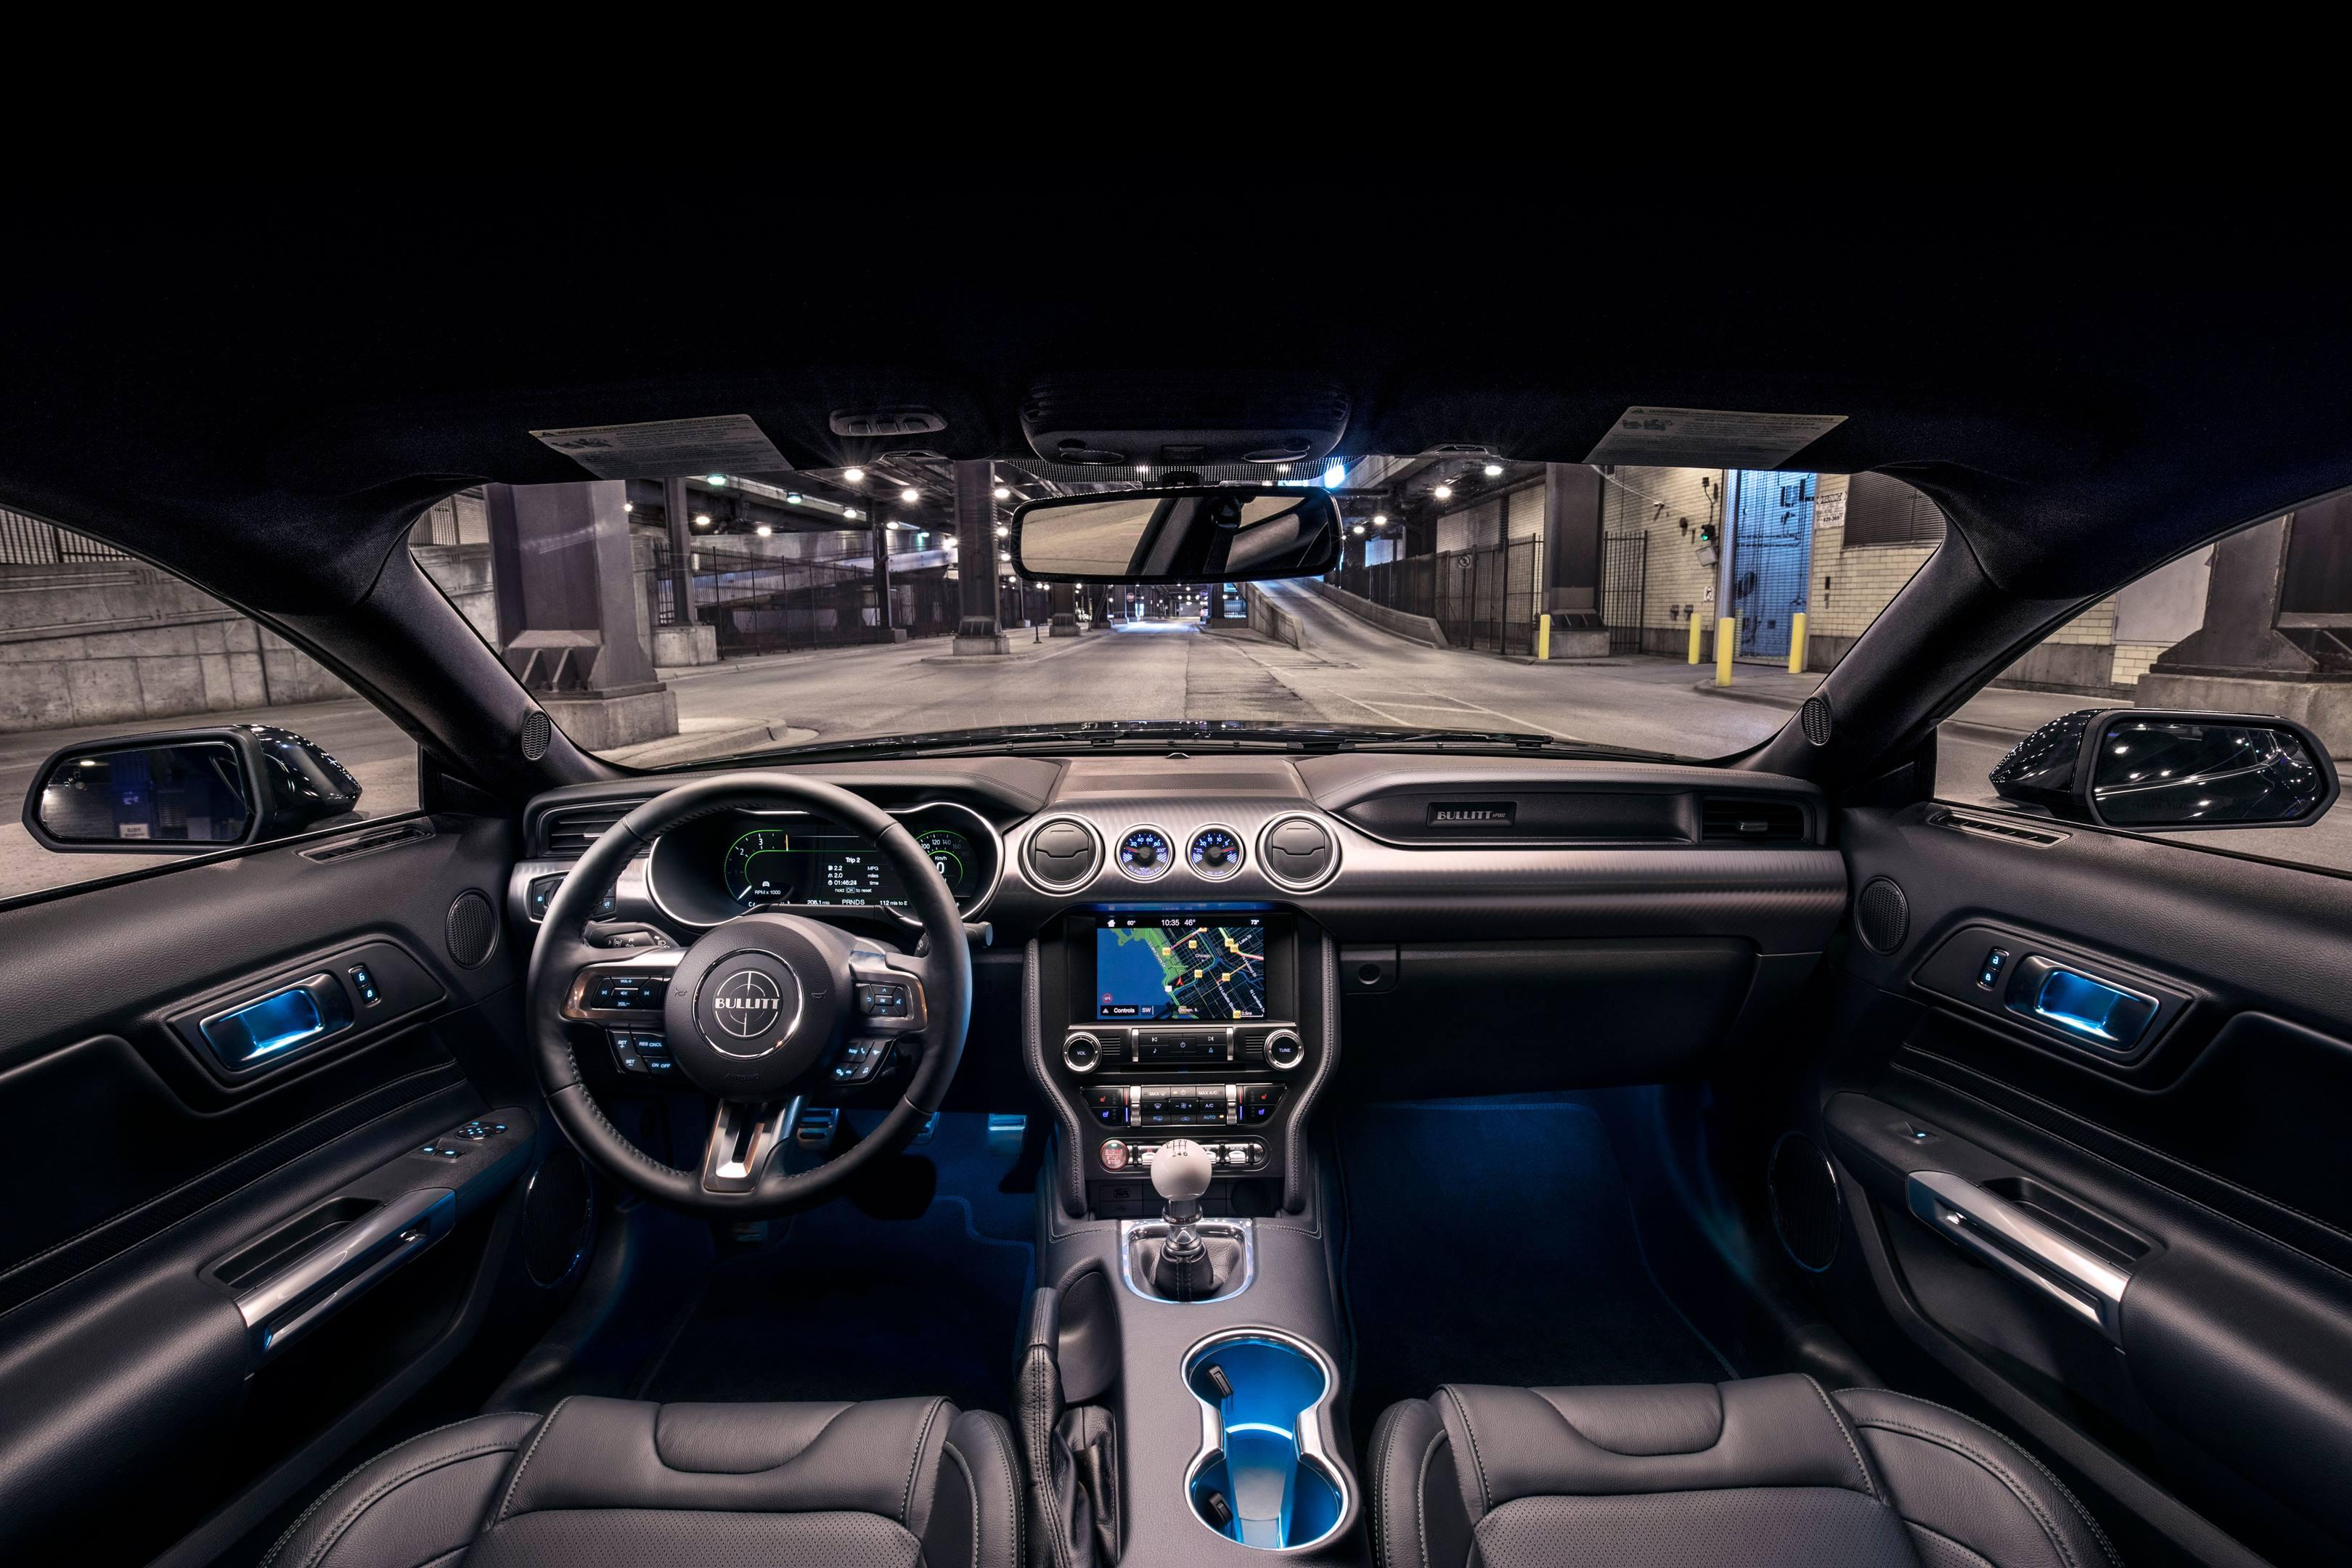 2019 Mustang Bullitt interior